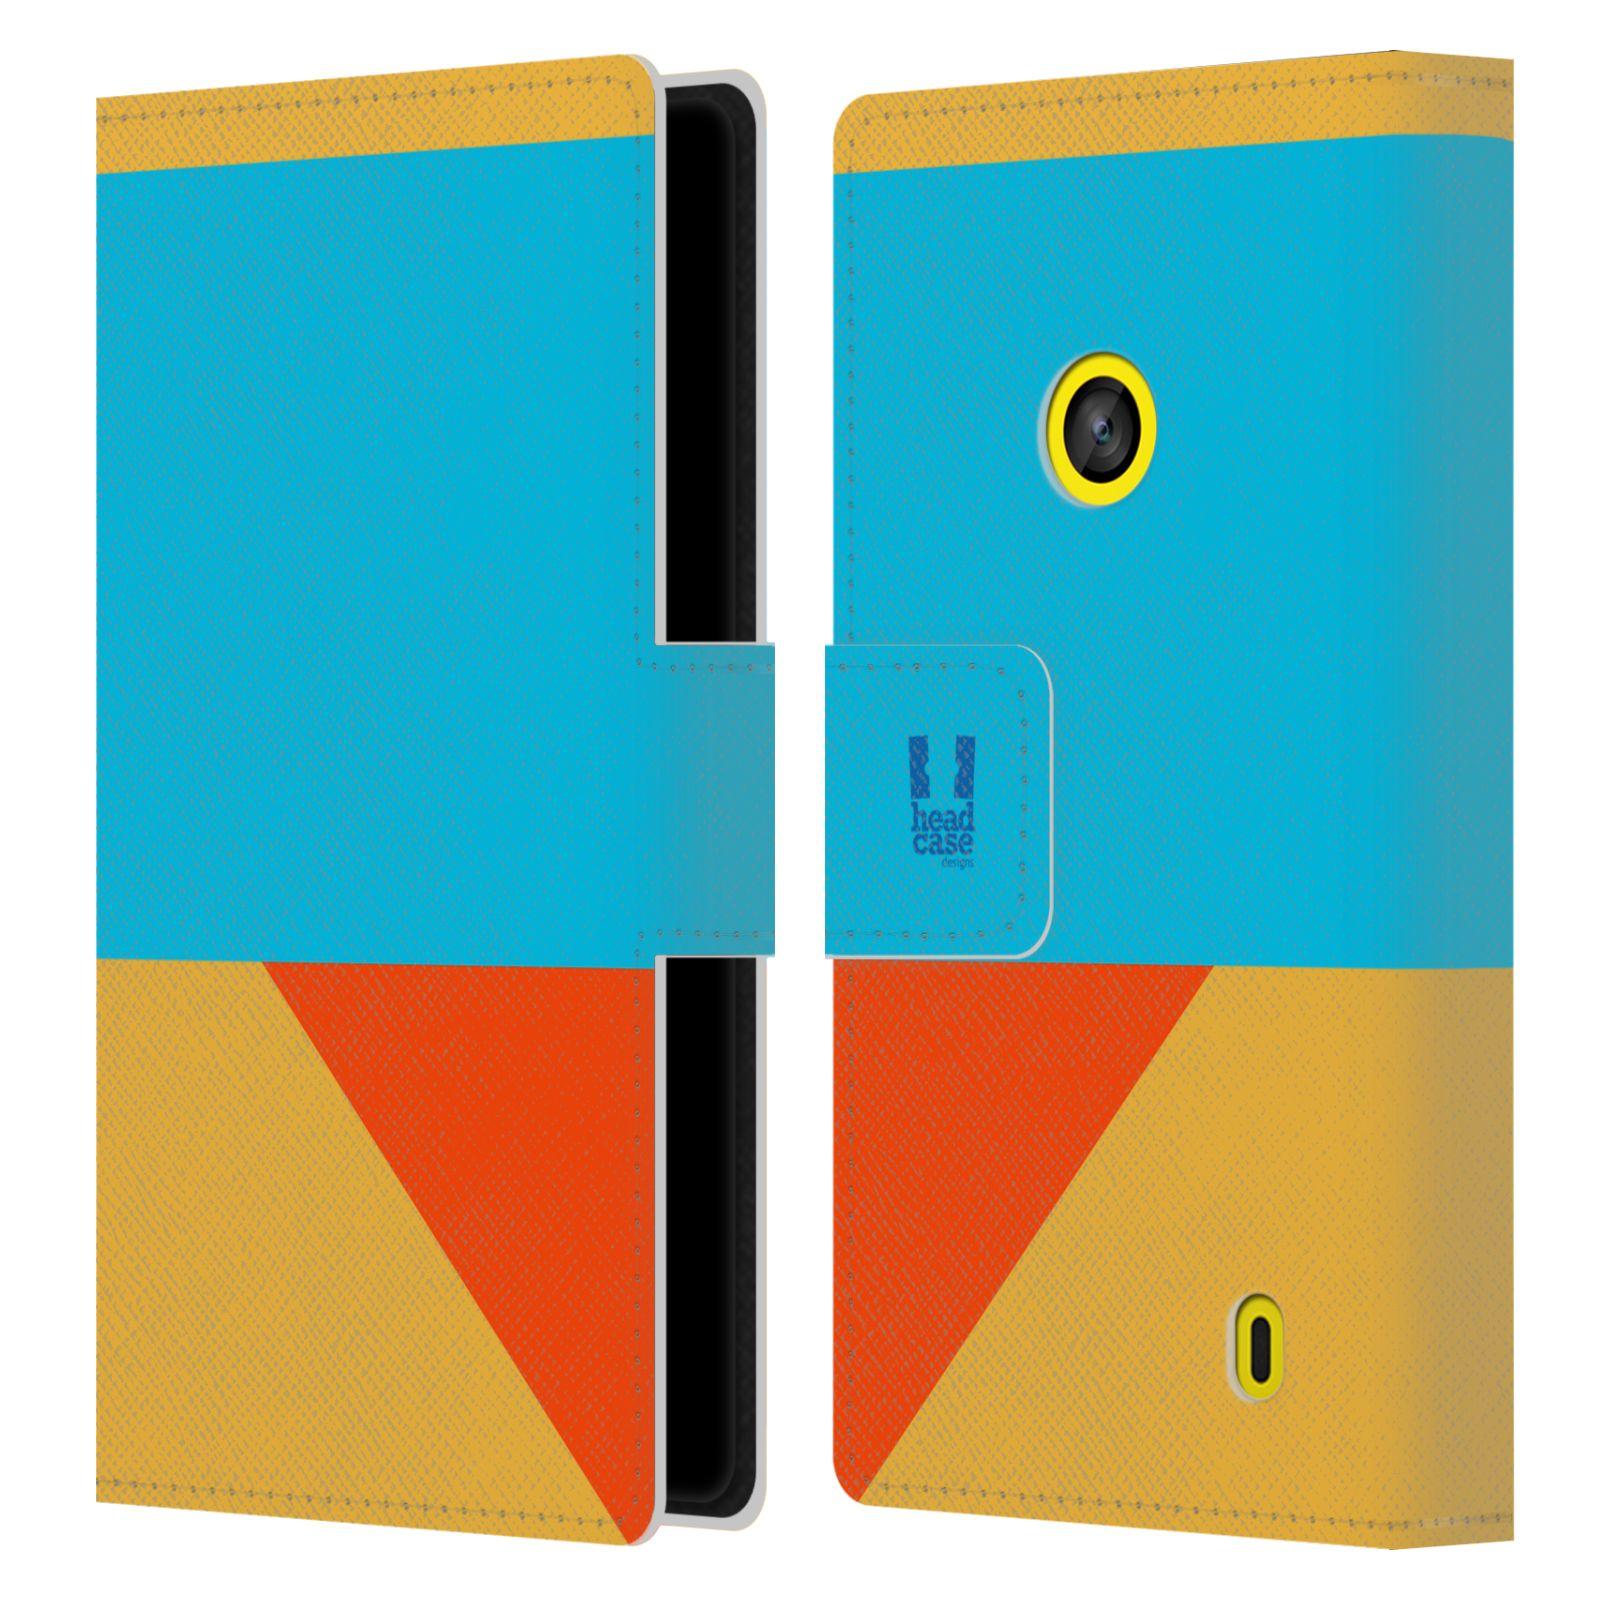 HEAD CASE Flipové pouzdro pro mobil Nokia LUMIA 520/525 barevné tvary béžová a modrá DAY WEAR